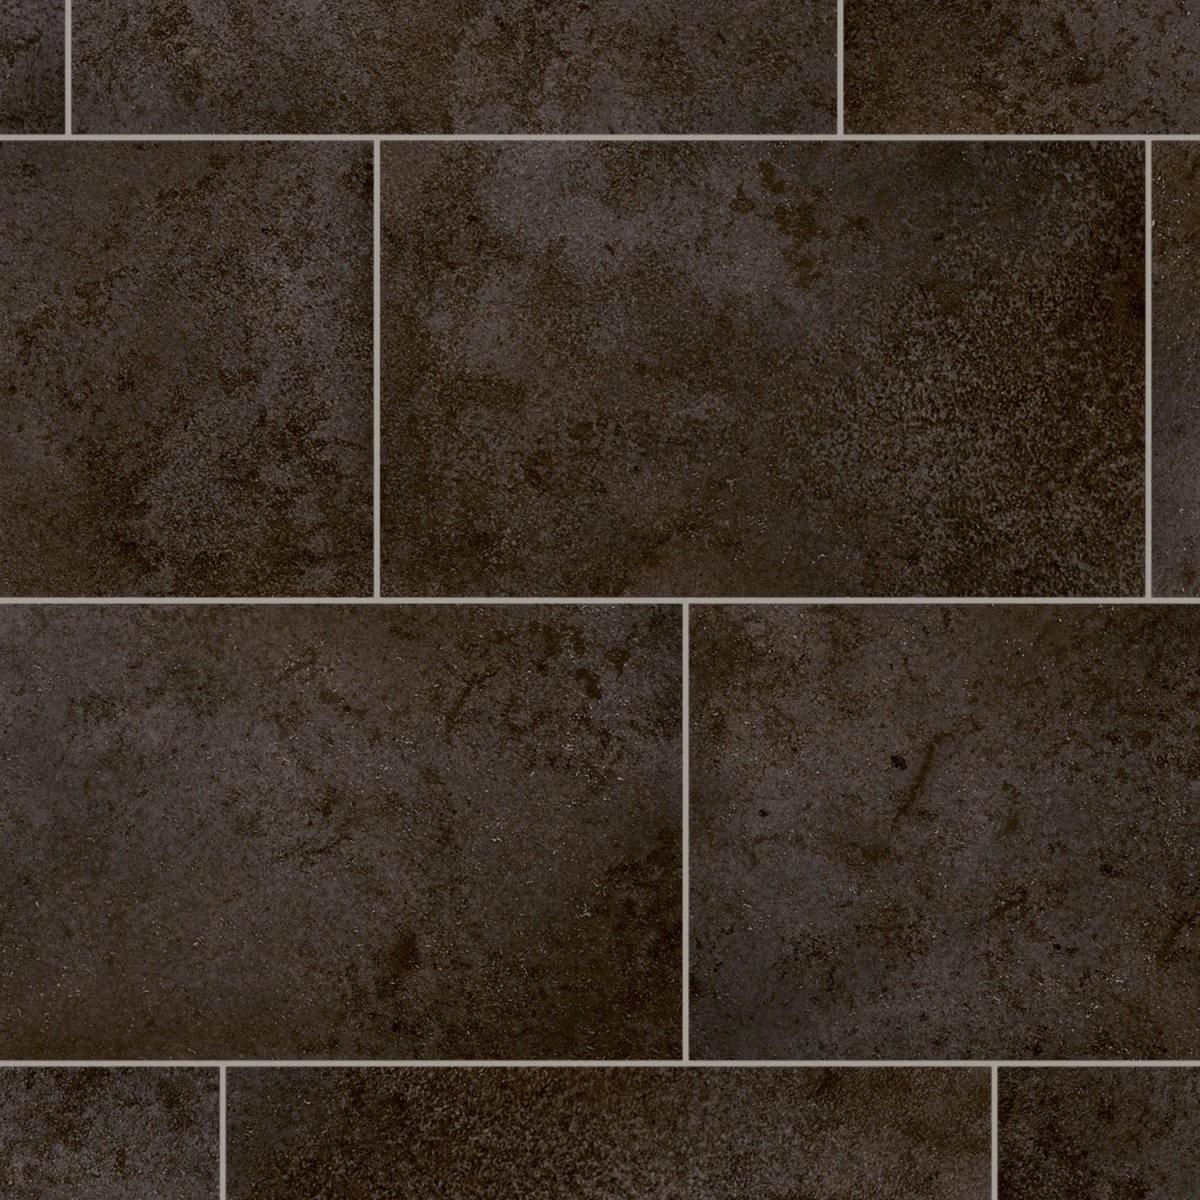 Pvcbodenbelag Presto Galerie 599 Schwarz 400 Cm Kaufen Bei Obi von Pvc Boden Fliesenoptik Grau Bild